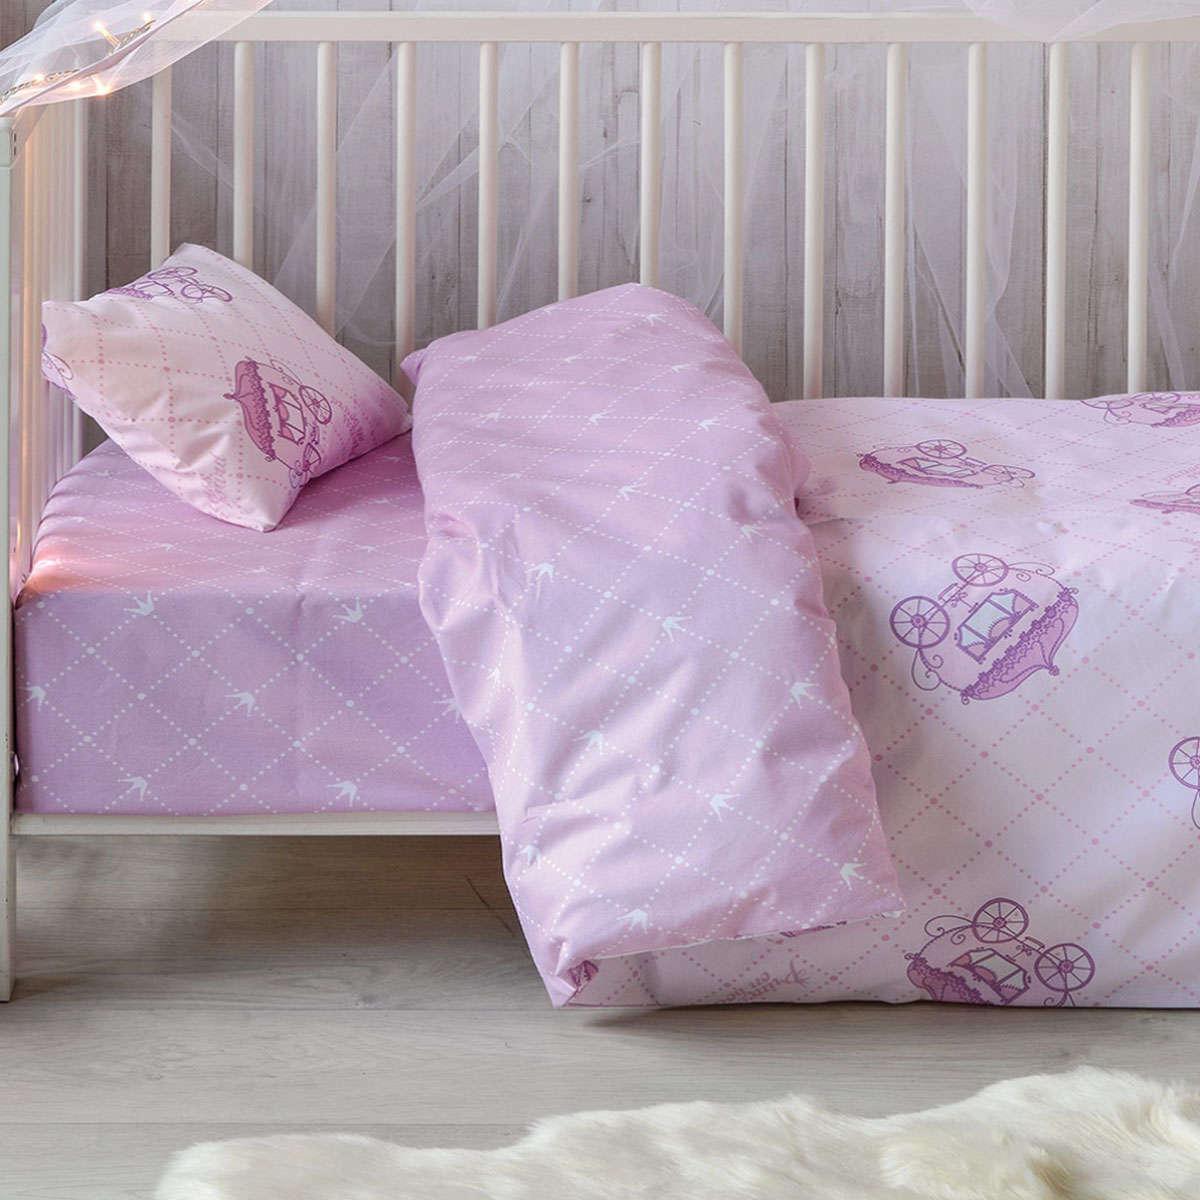 Βρεφικό Σεντόνι Σετ Tiara Pink 3 Τεμ. Kentia Κούνιας 100x140cm